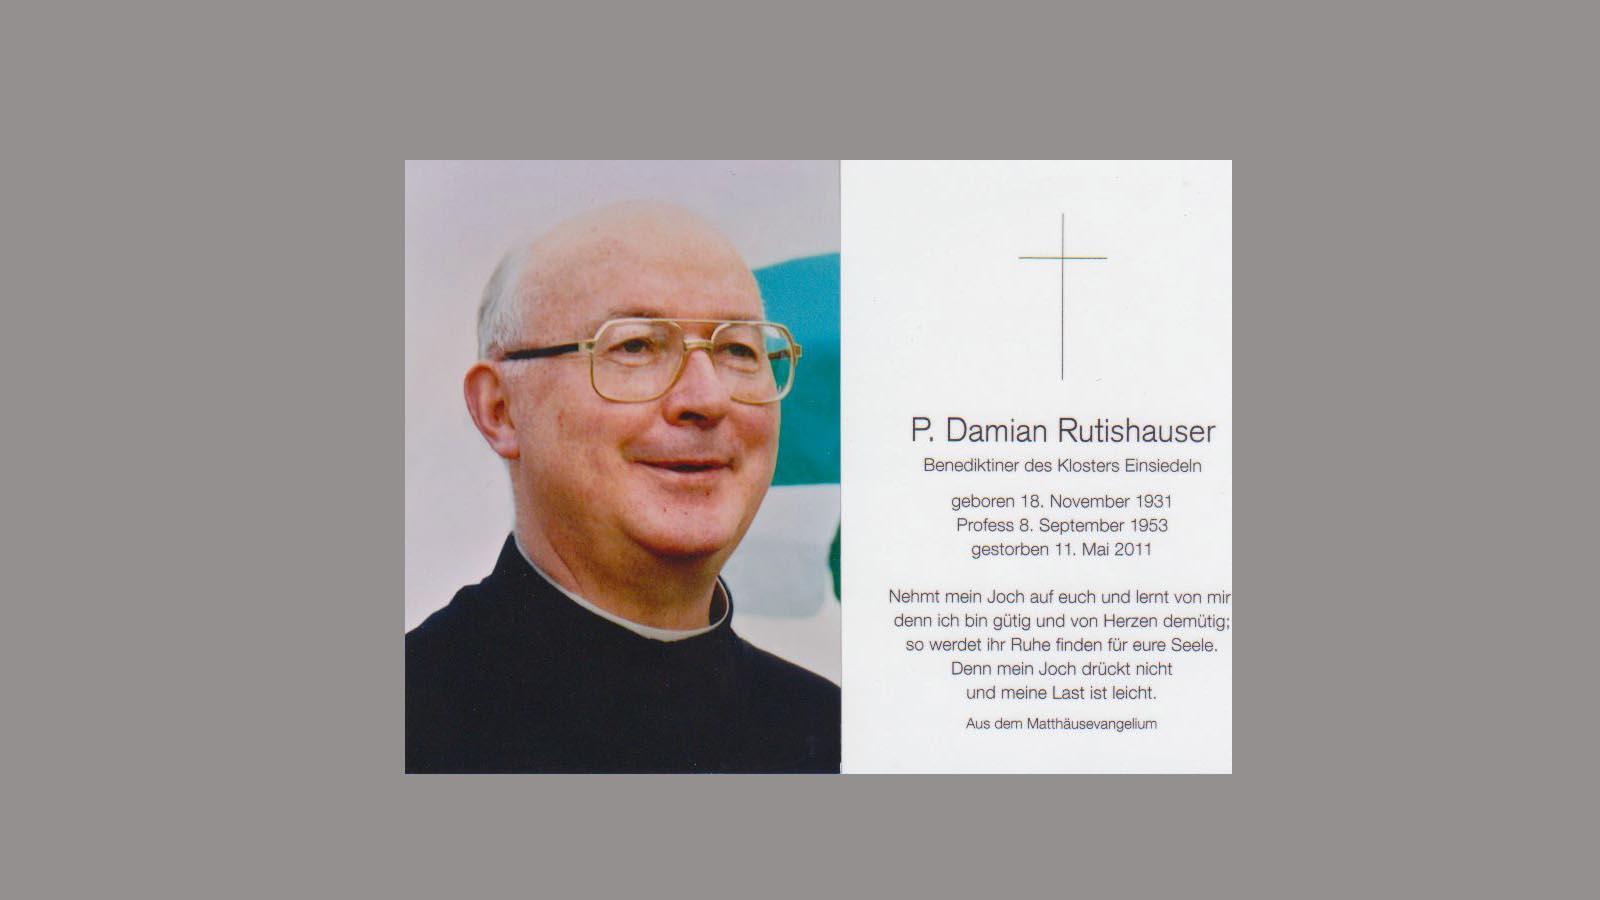 pater-damian-ruthishauser-pano.jpg